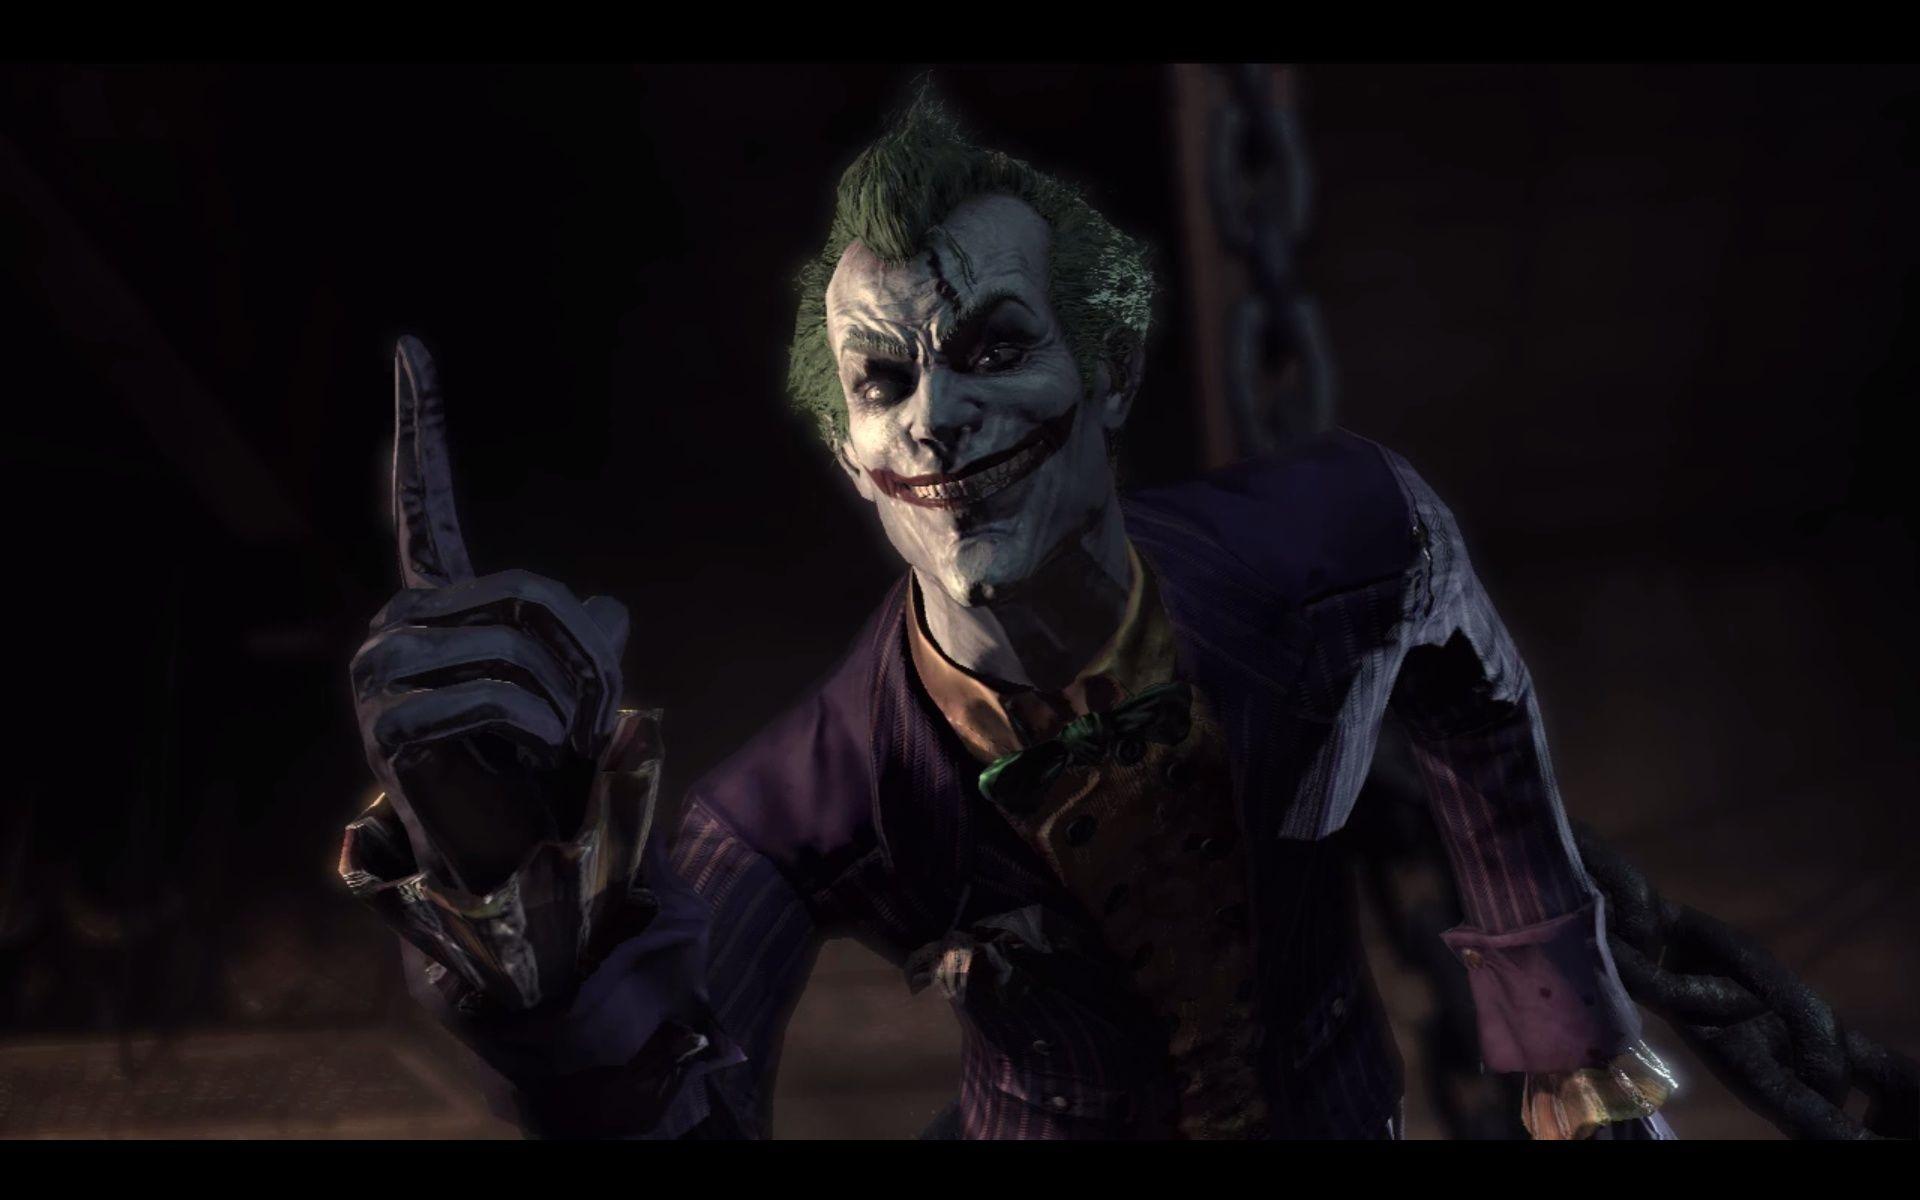 游戏历史上的今天:《蝙蝠侠:阿卡姆疯人院》正式发售